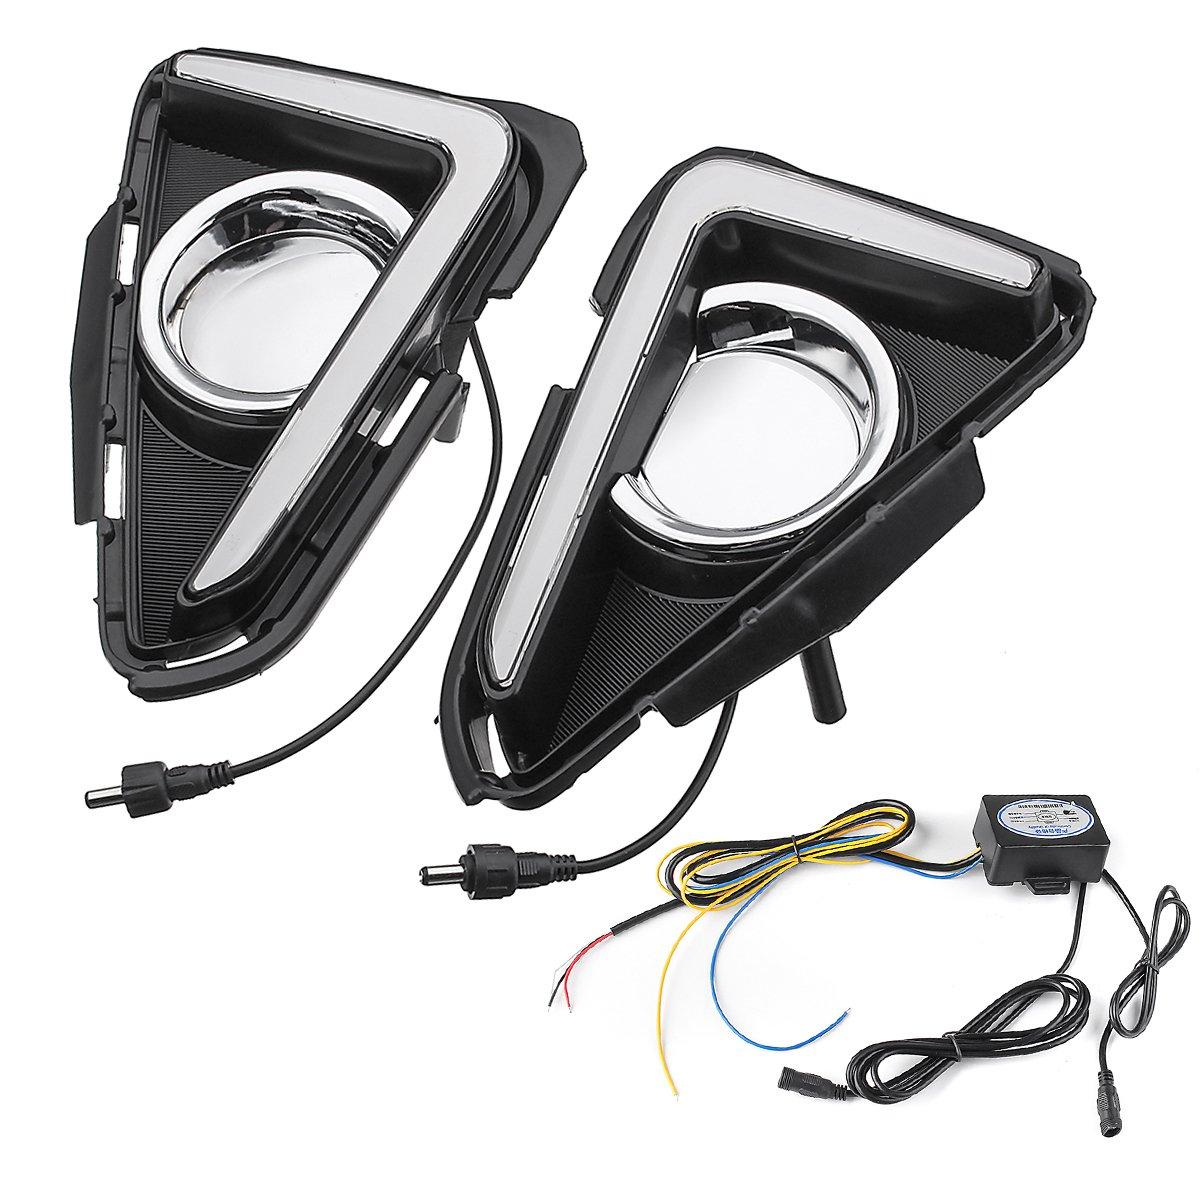 Fincos 2Pcs Dual-Color LED Car Daytime Running Lights Turn Lamp for Toyota RAV4 2015-2017